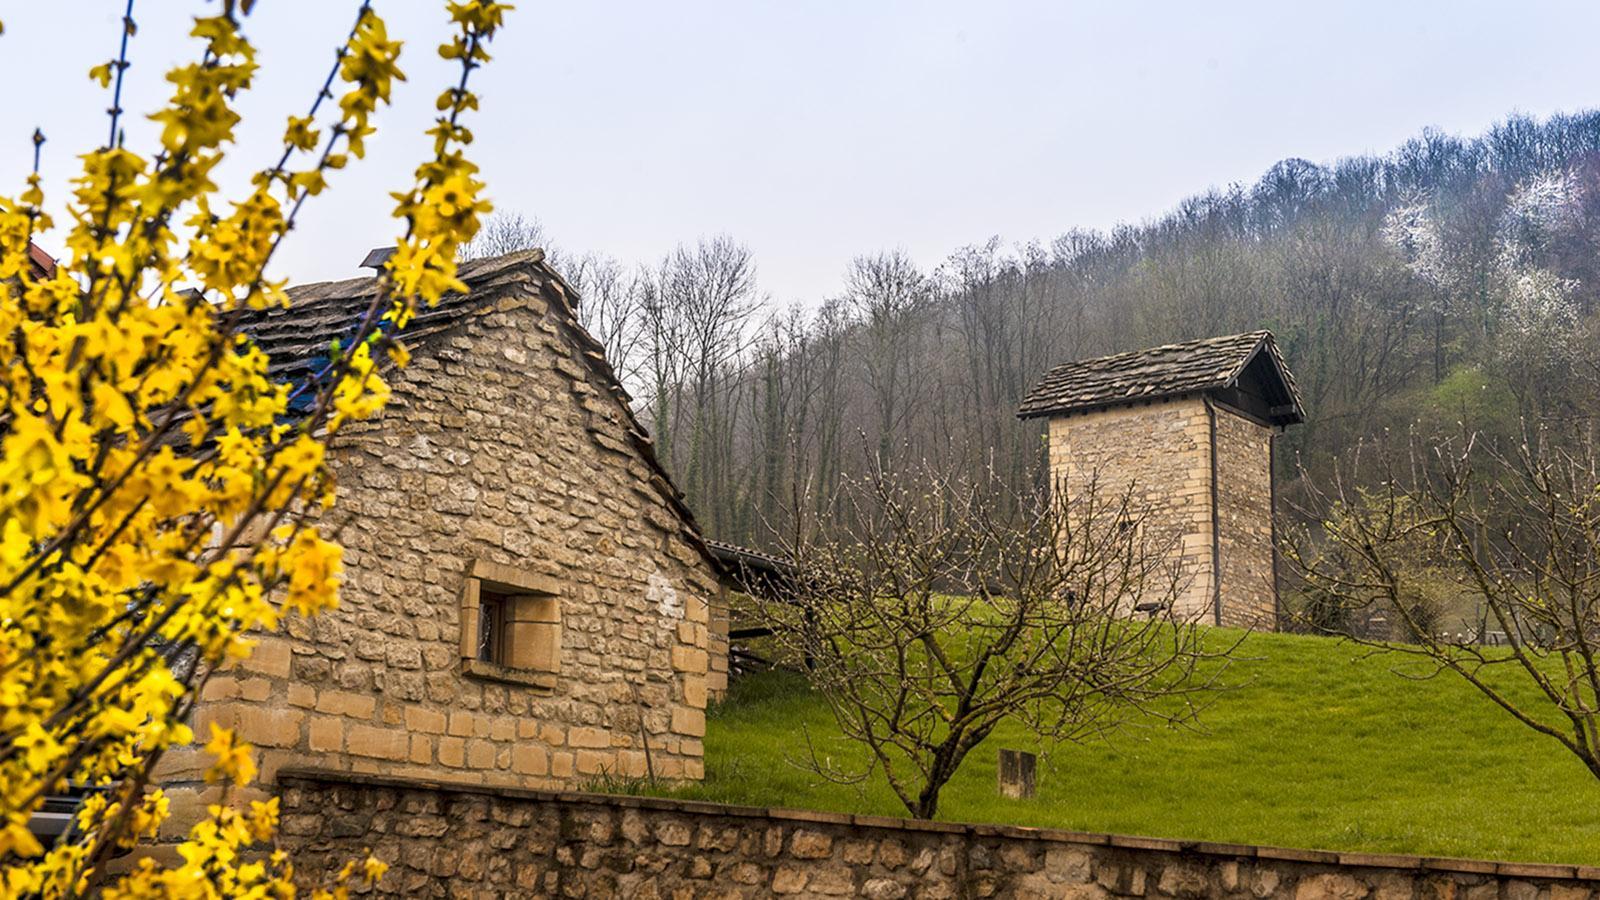 Eigenhändig erbaut: der tour à jambon, der Schinkenturm. Foto: Hilke Maunder